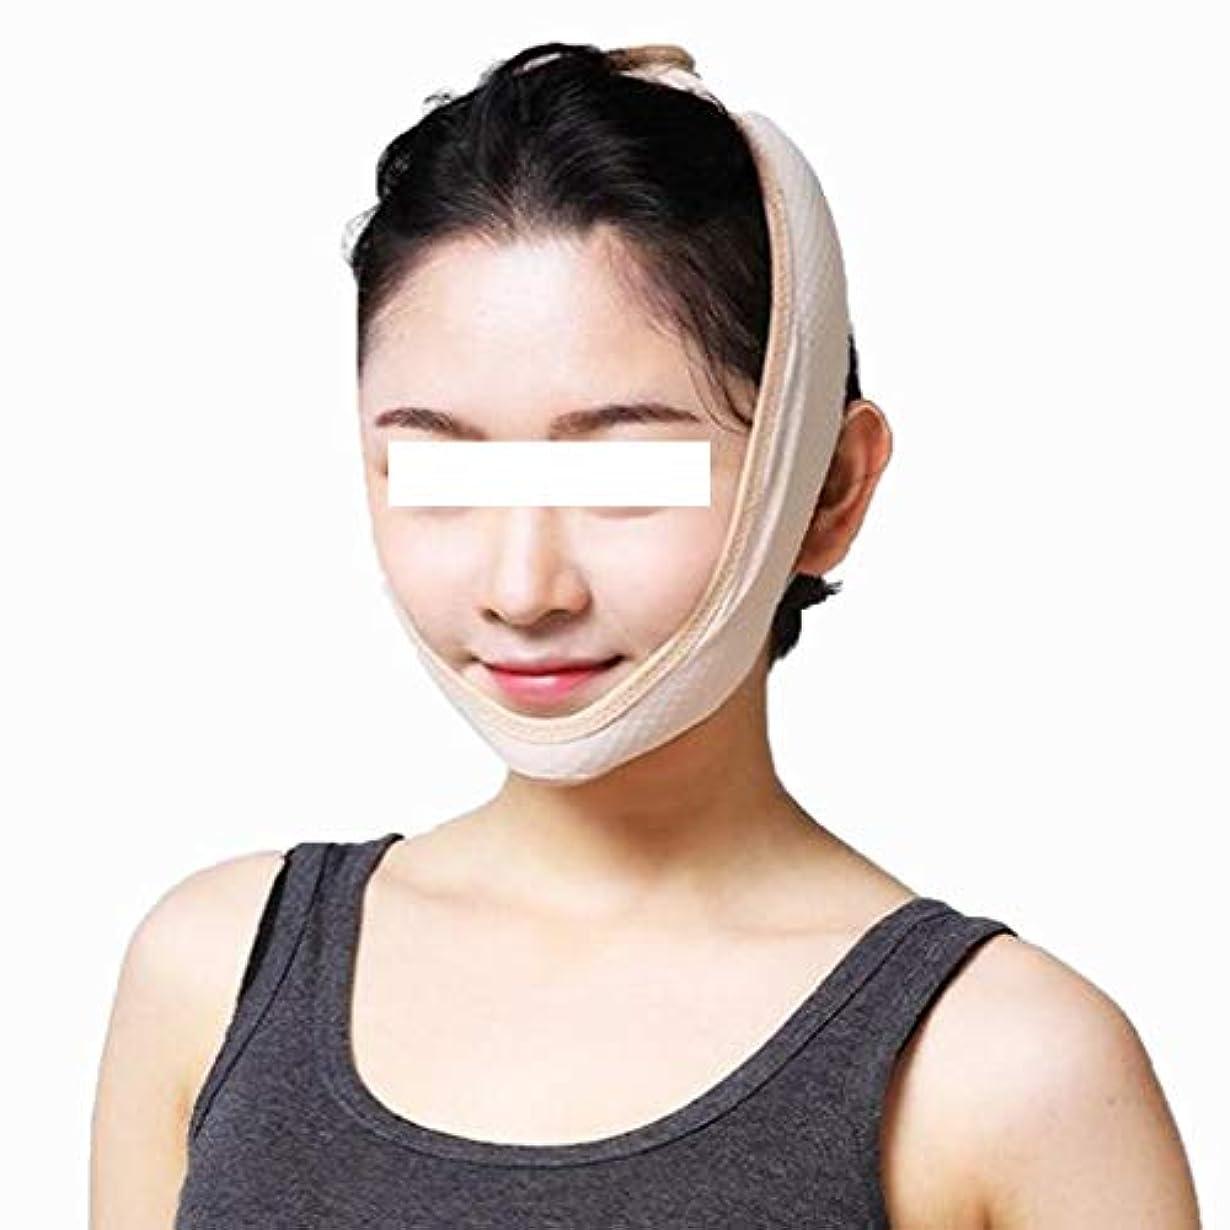 汚染するパール解く顔のマスクのあごの首のベルトシートの反老化の表面は持ち上げます